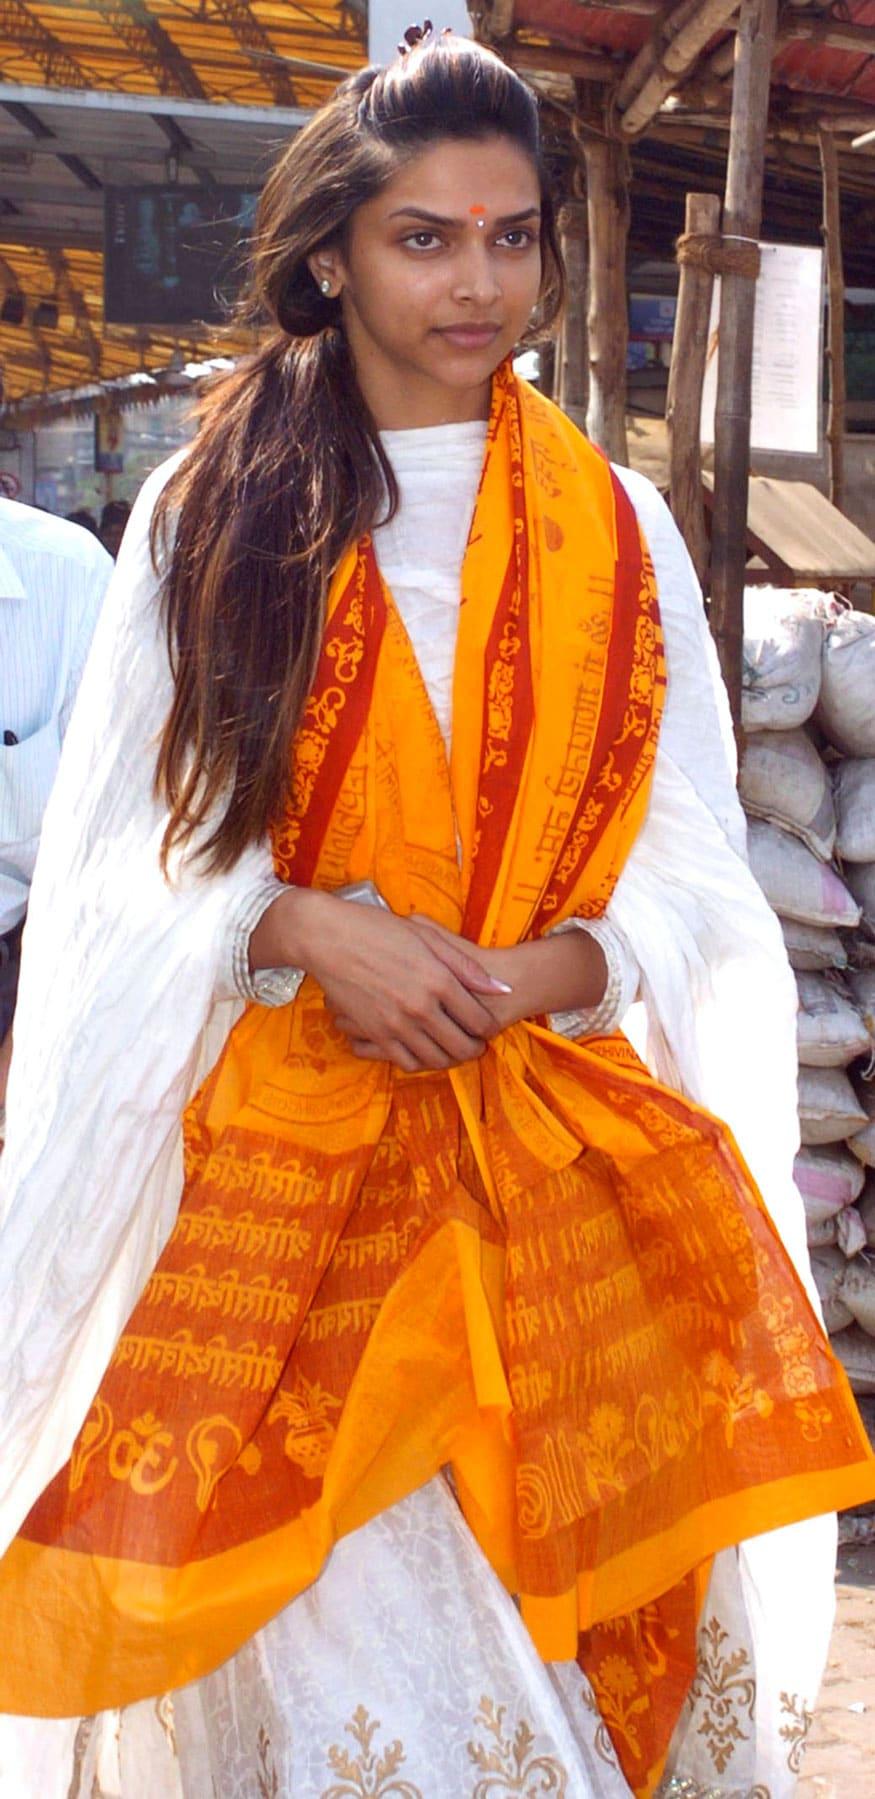 ముంబై సిద్ది వినాయక టెంపుల్లో దీపికా పదుకునే (Image: Reuters)